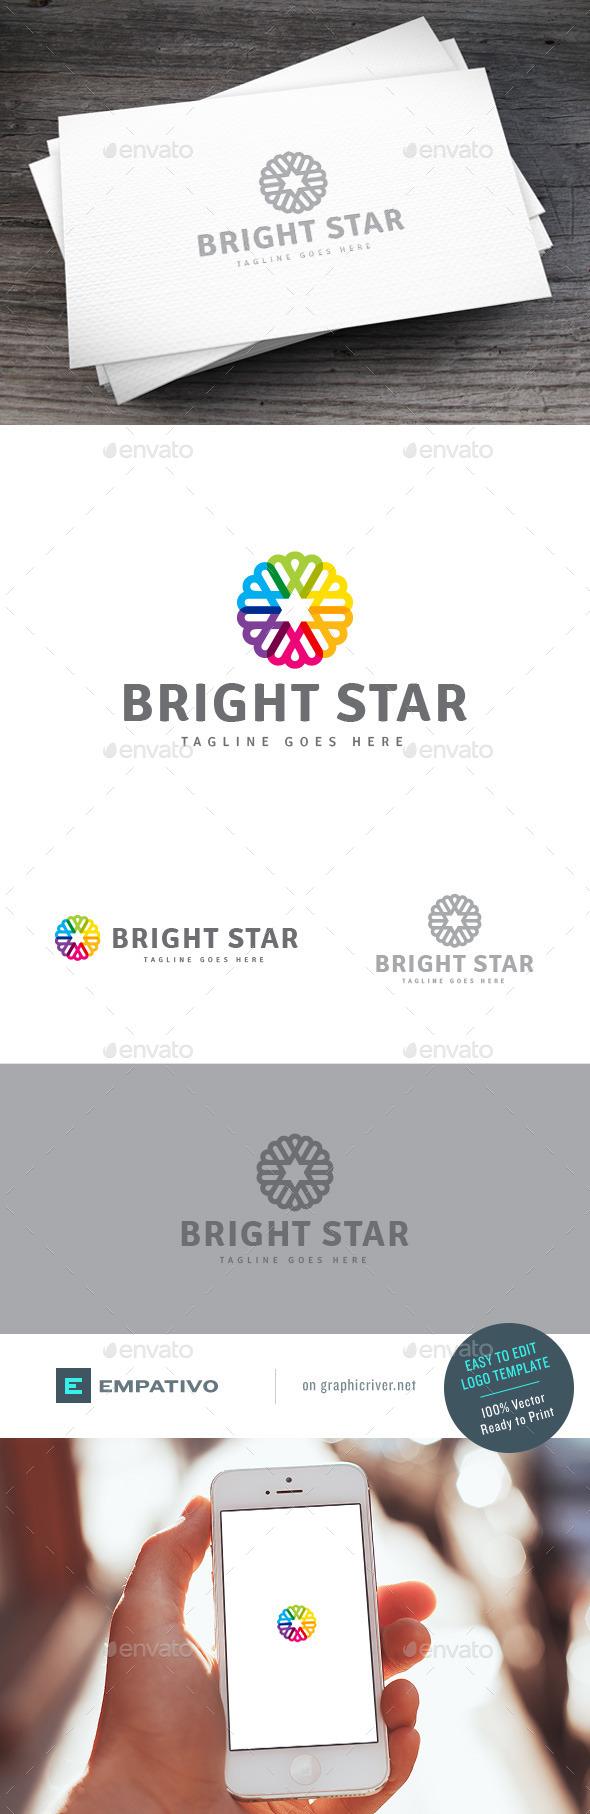 GraphicRiver Bright Star Logo Template 11131367